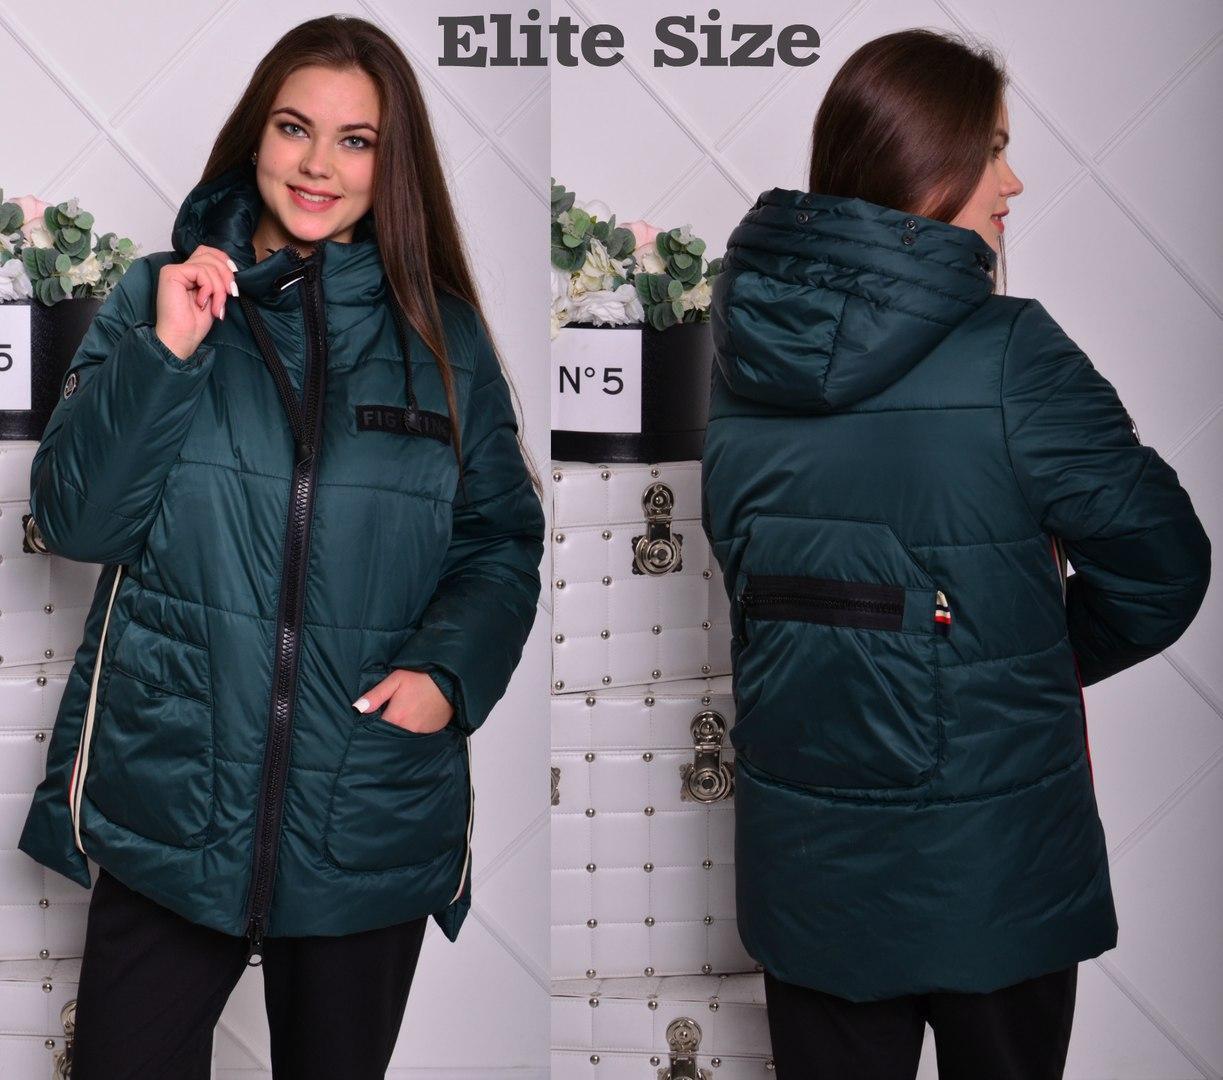 789bd213f56 Женская зимняя куртка в больших размерах с капюшоном и накладными карманами  F-707217 - Интернет